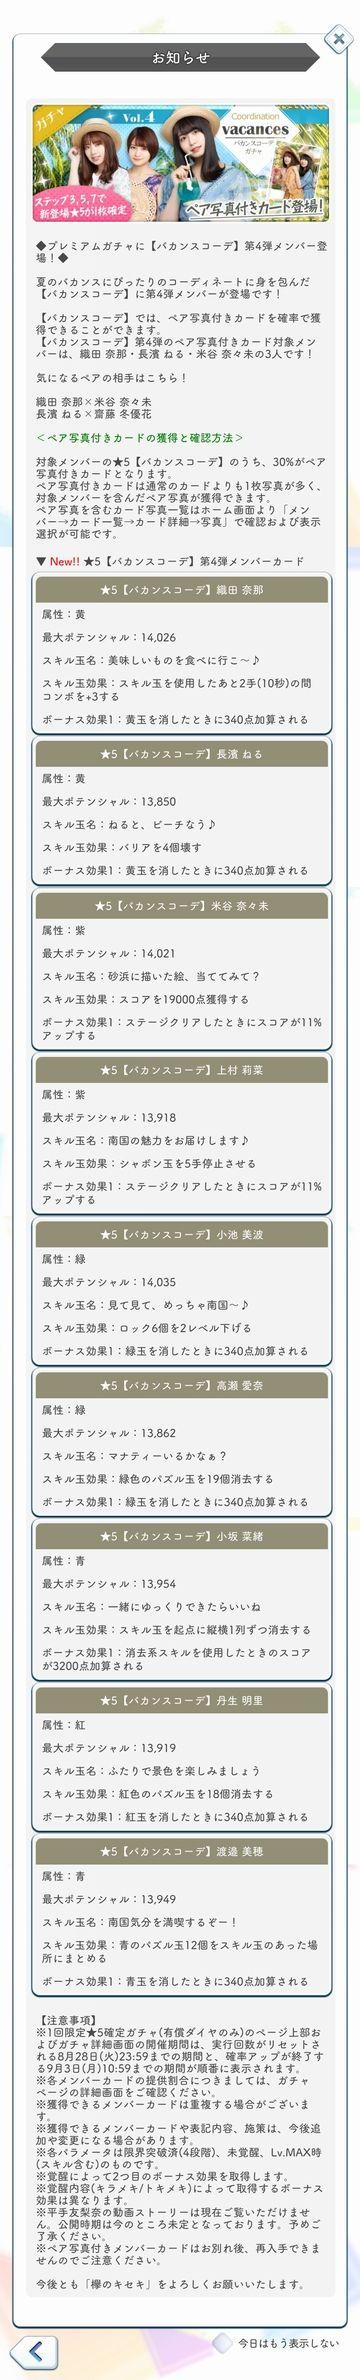 00 バカンスコーデ(4) ガチャ詳細